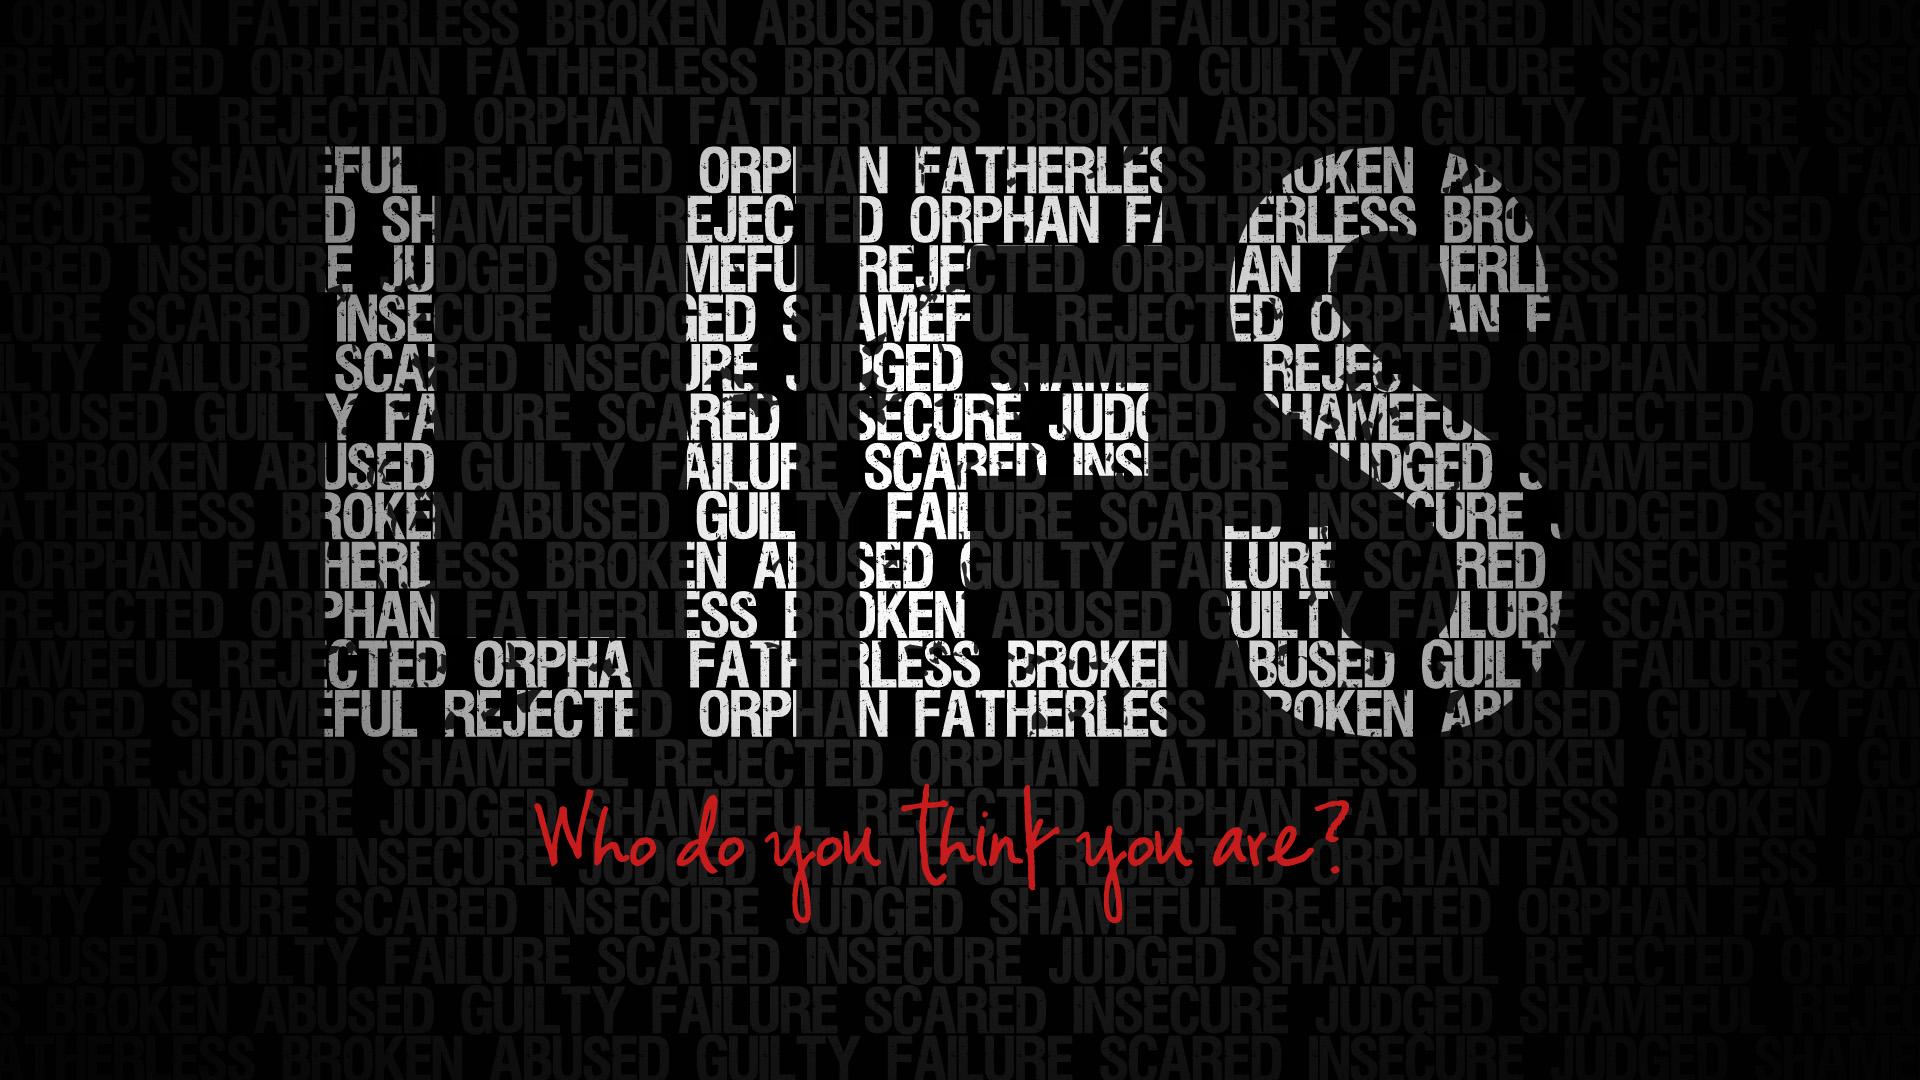 صورة كلمات عن الخيانة والكذب , صفات مكروهة من الله ومن الجميع